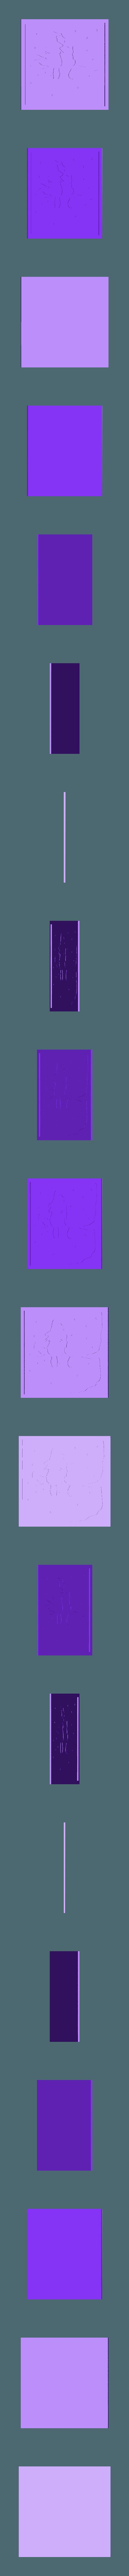 sorciere.stl Télécharger fichier STL gratuit la sorcière et son chat - the witch and her cat • Objet à imprimer en 3D, yb__magiic